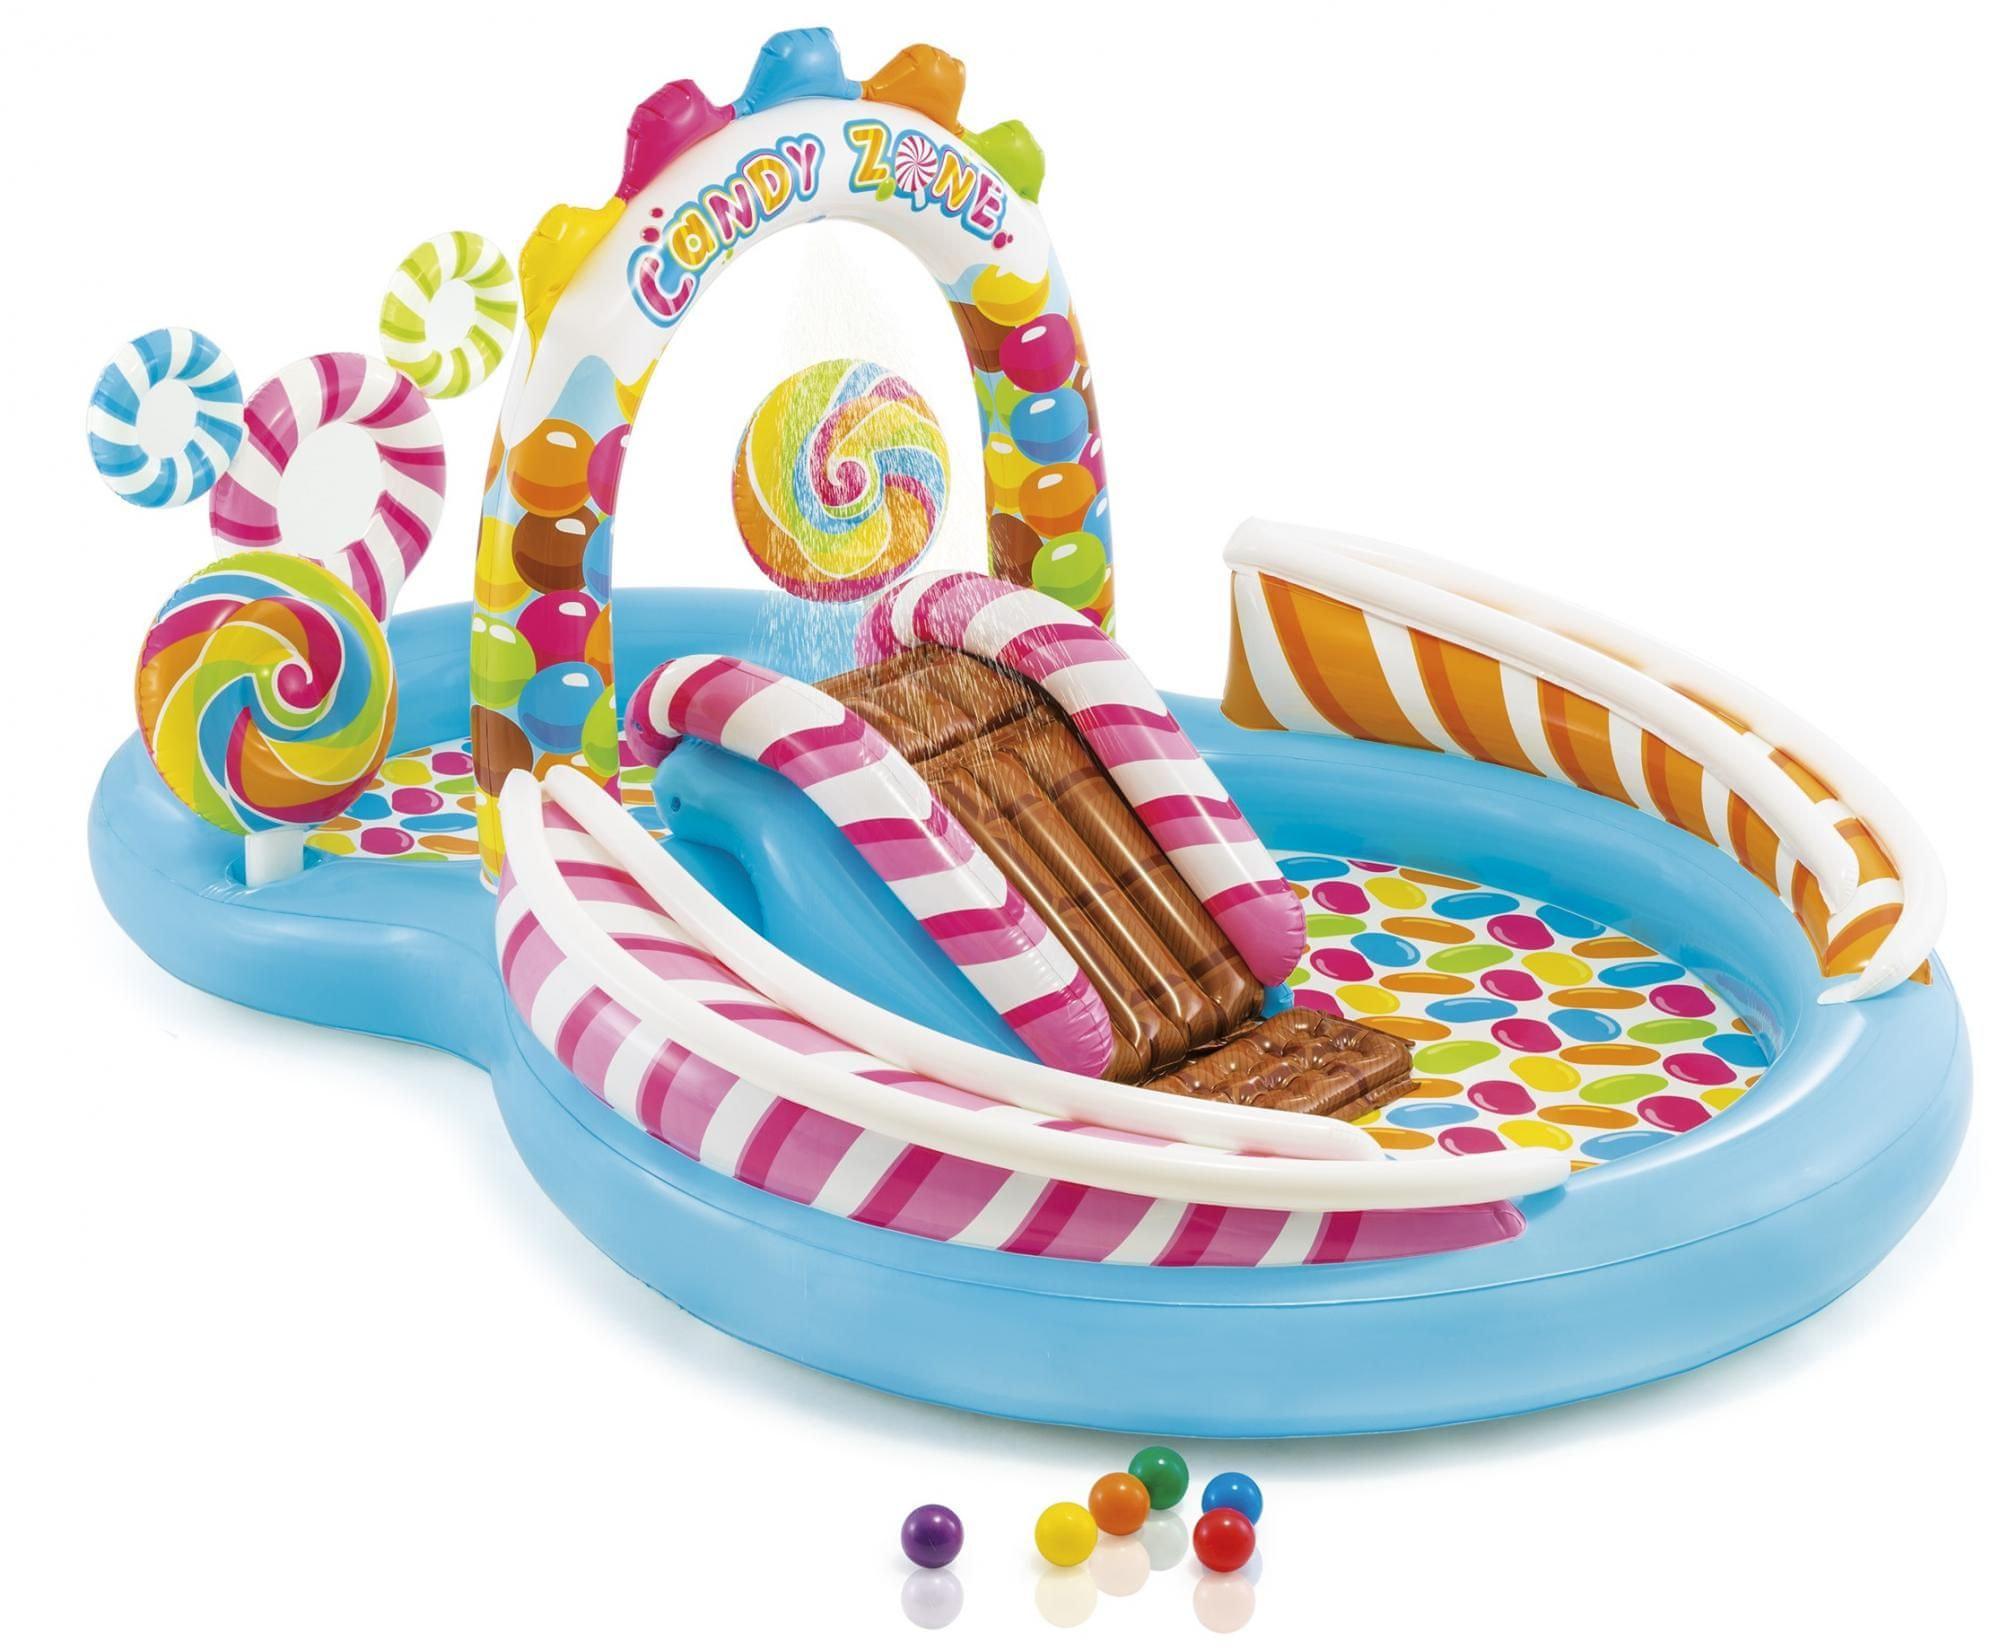 Nafukovací hrady, bazénky a příslušenství